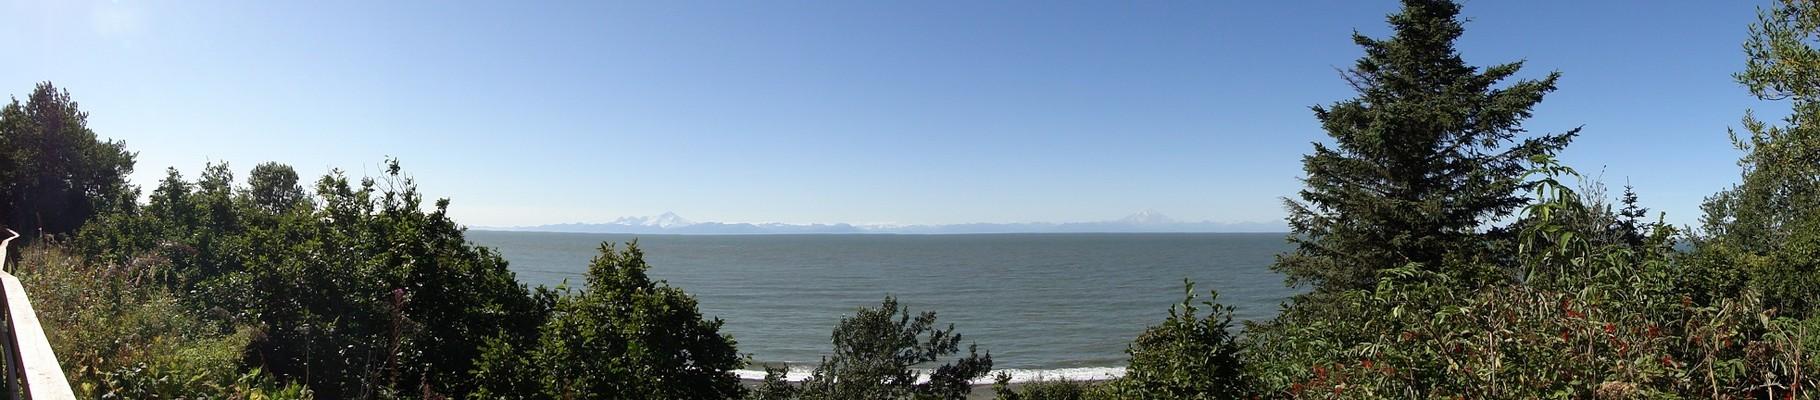 Panorama der beiden Vulkane von unserem Campground